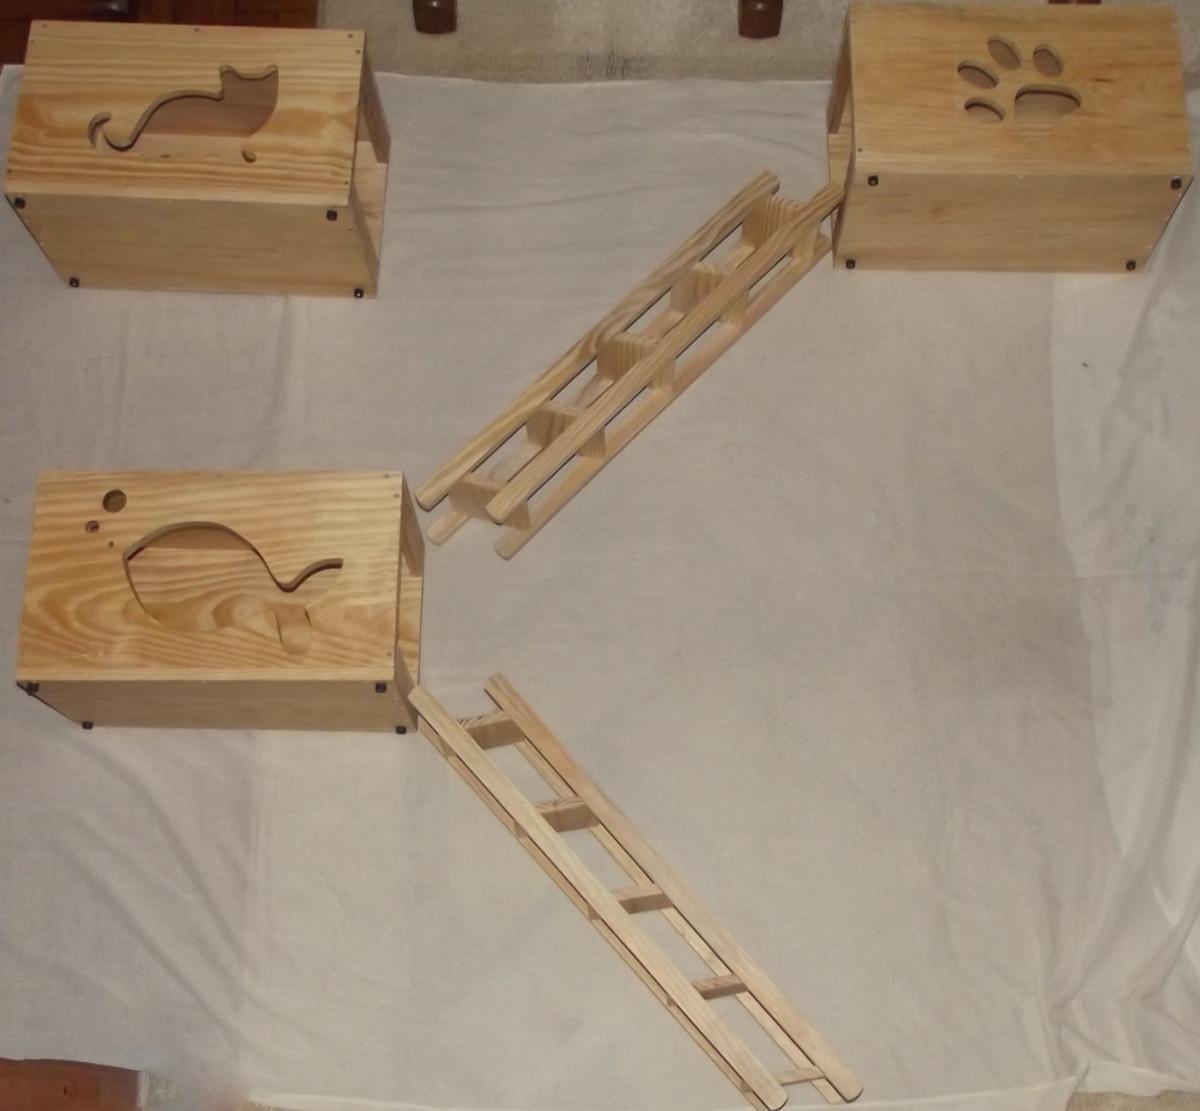 Nicho 4 Prateleiras (12 X 15) E Escada De Madeira P/ Gatos R$ 330  #3C1E12 1200x1111